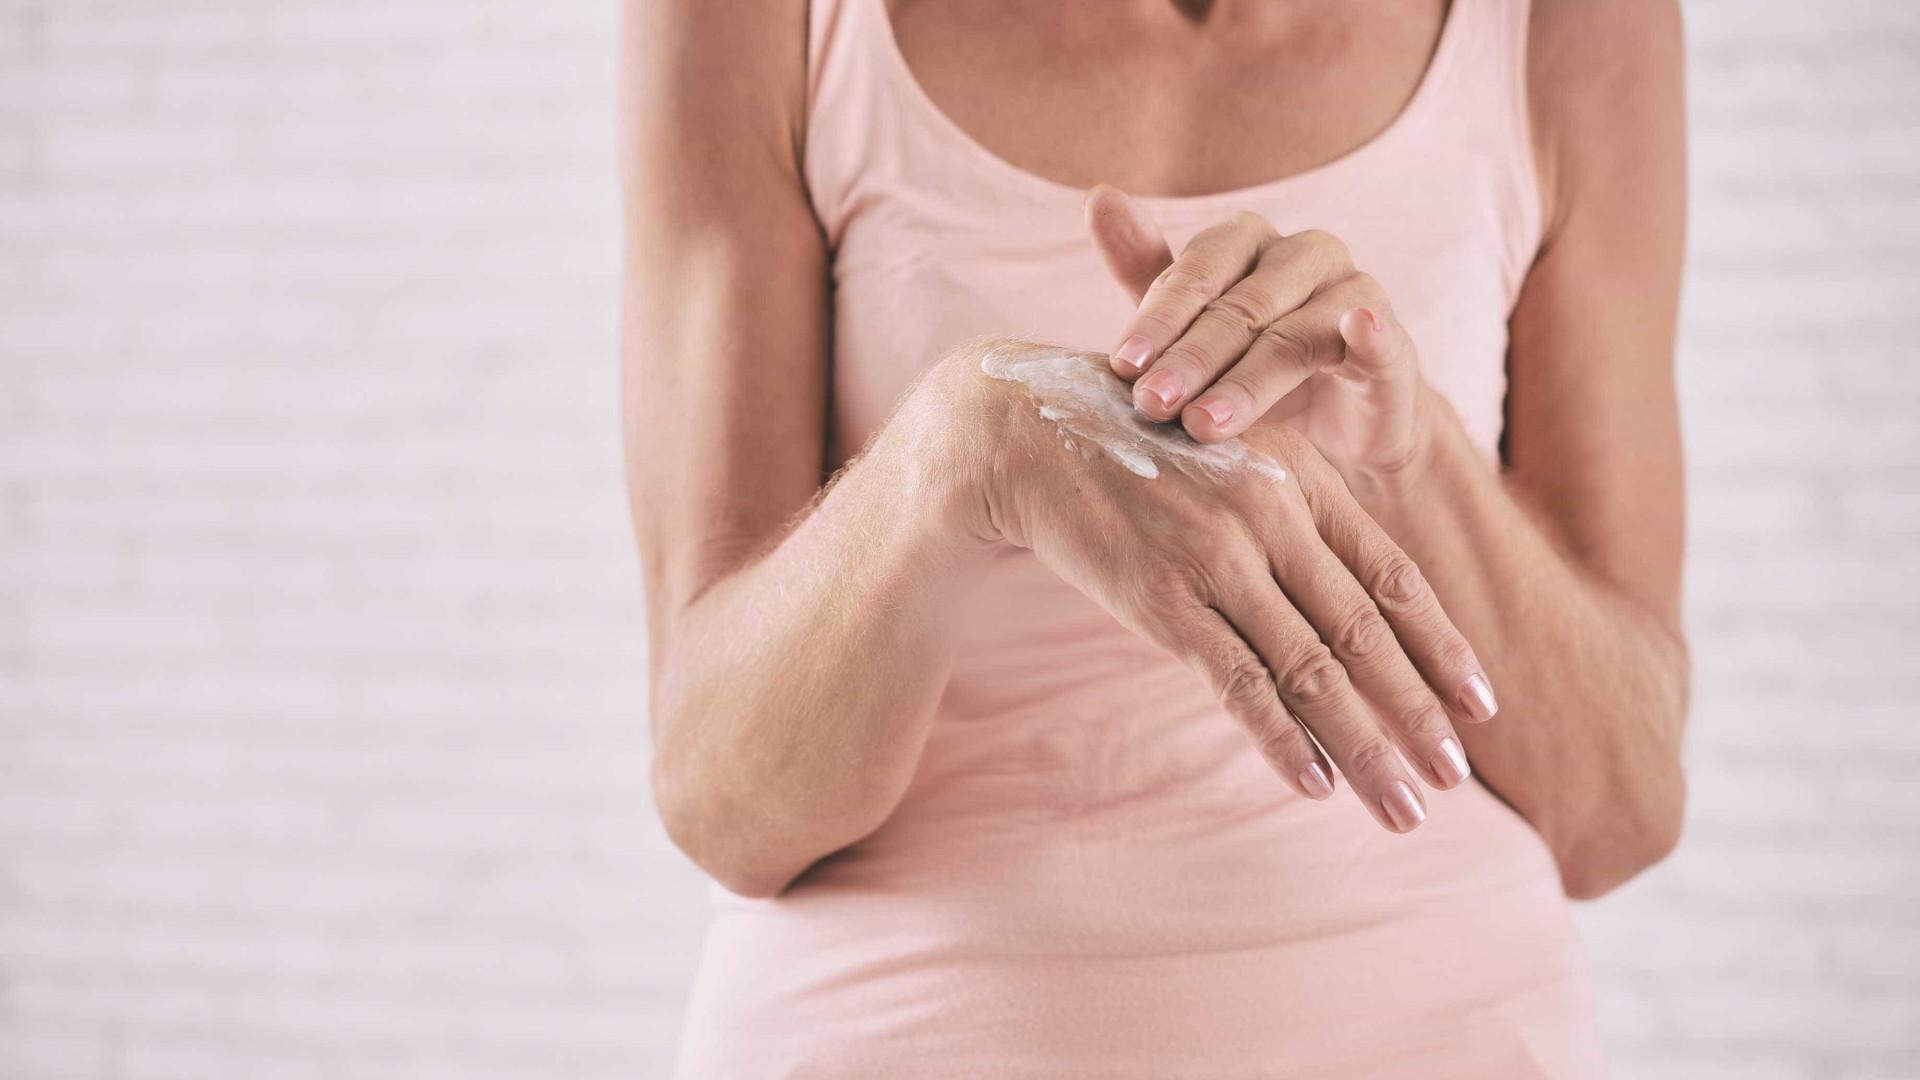 Os conselhos a seguir para proteger a pele nas estações frias